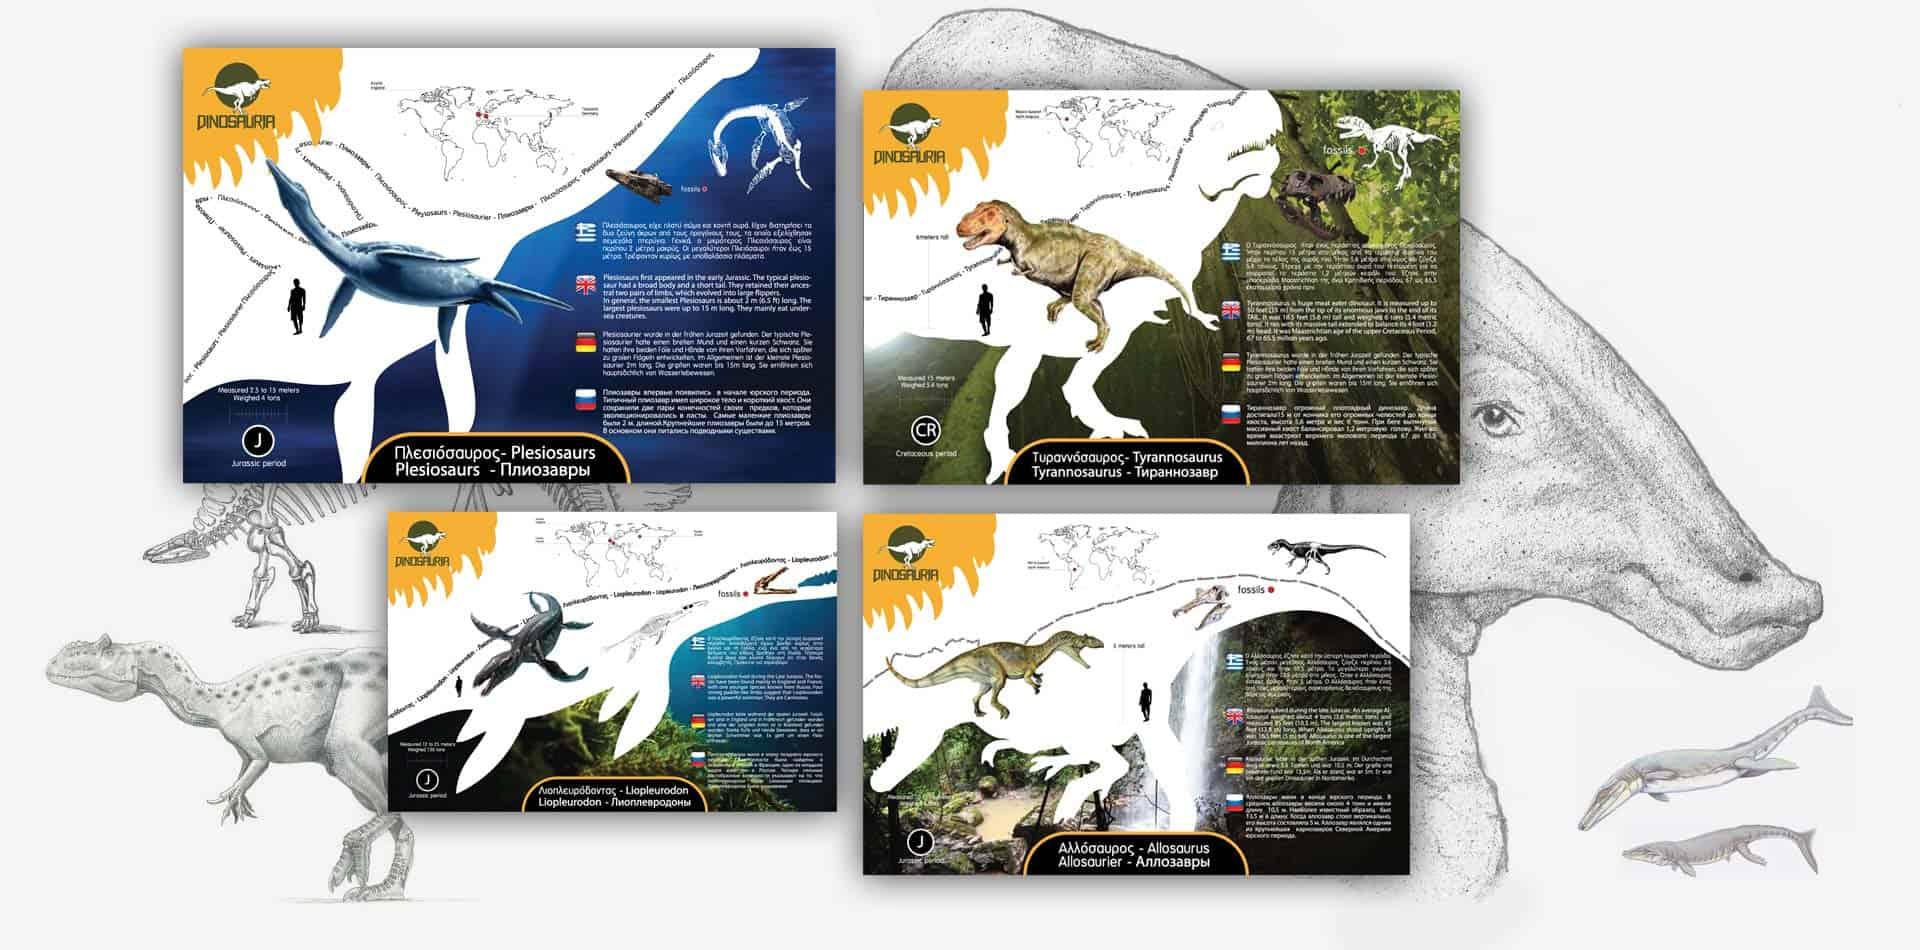 dinosauria park info desk borads 20141